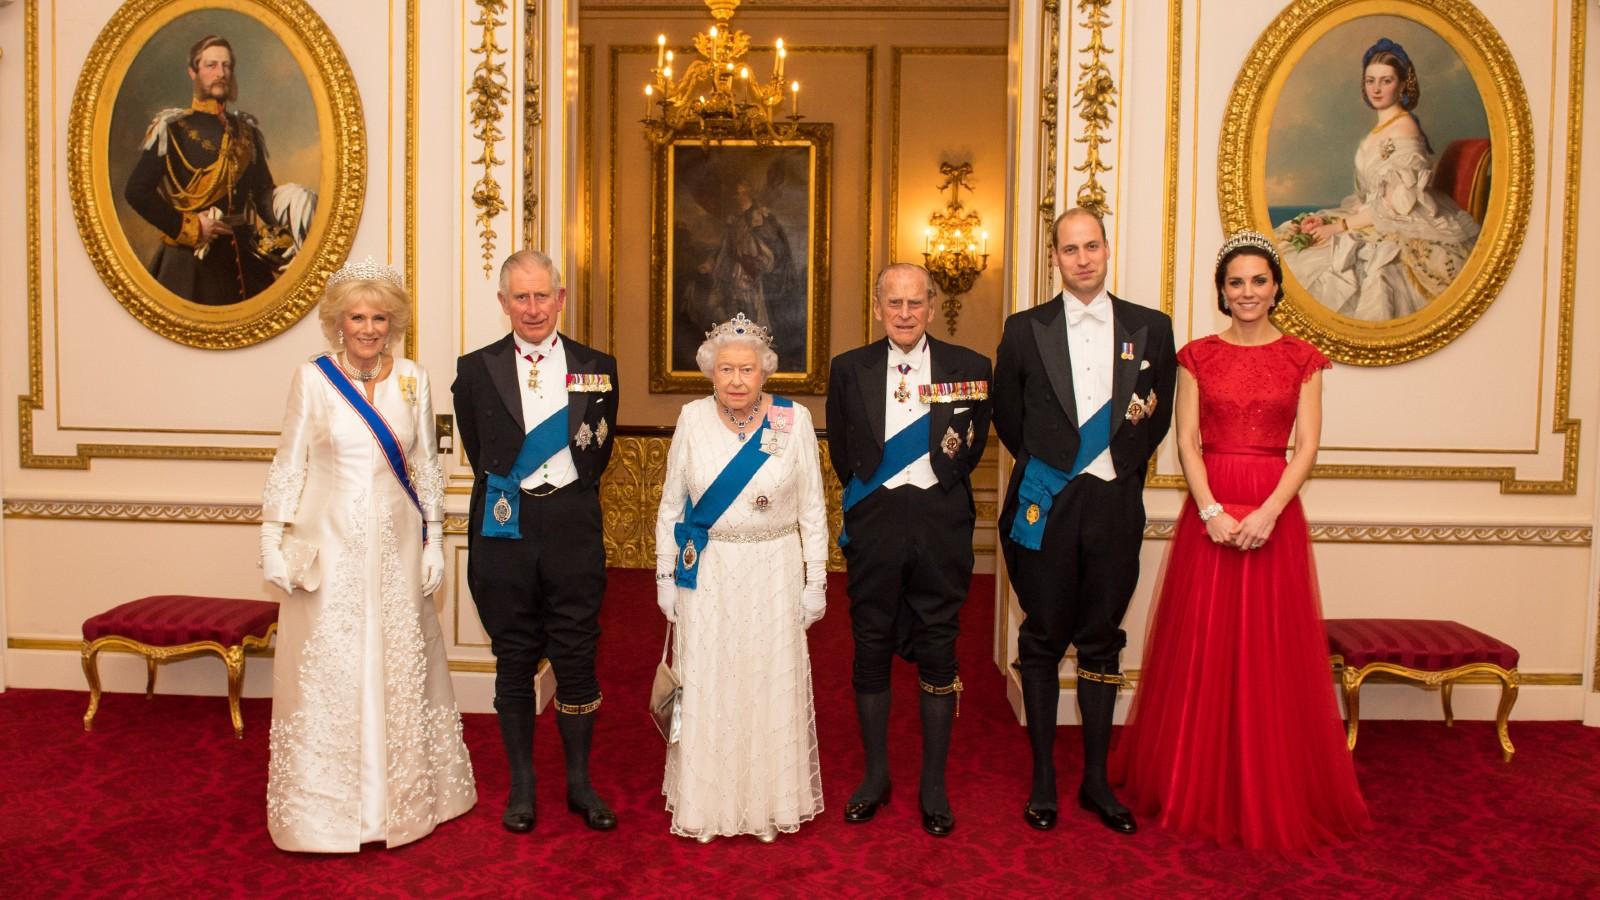 La Reine avec le Prince Philip, le Prince Charles, Camilla, le Prince William et Kate Middleton